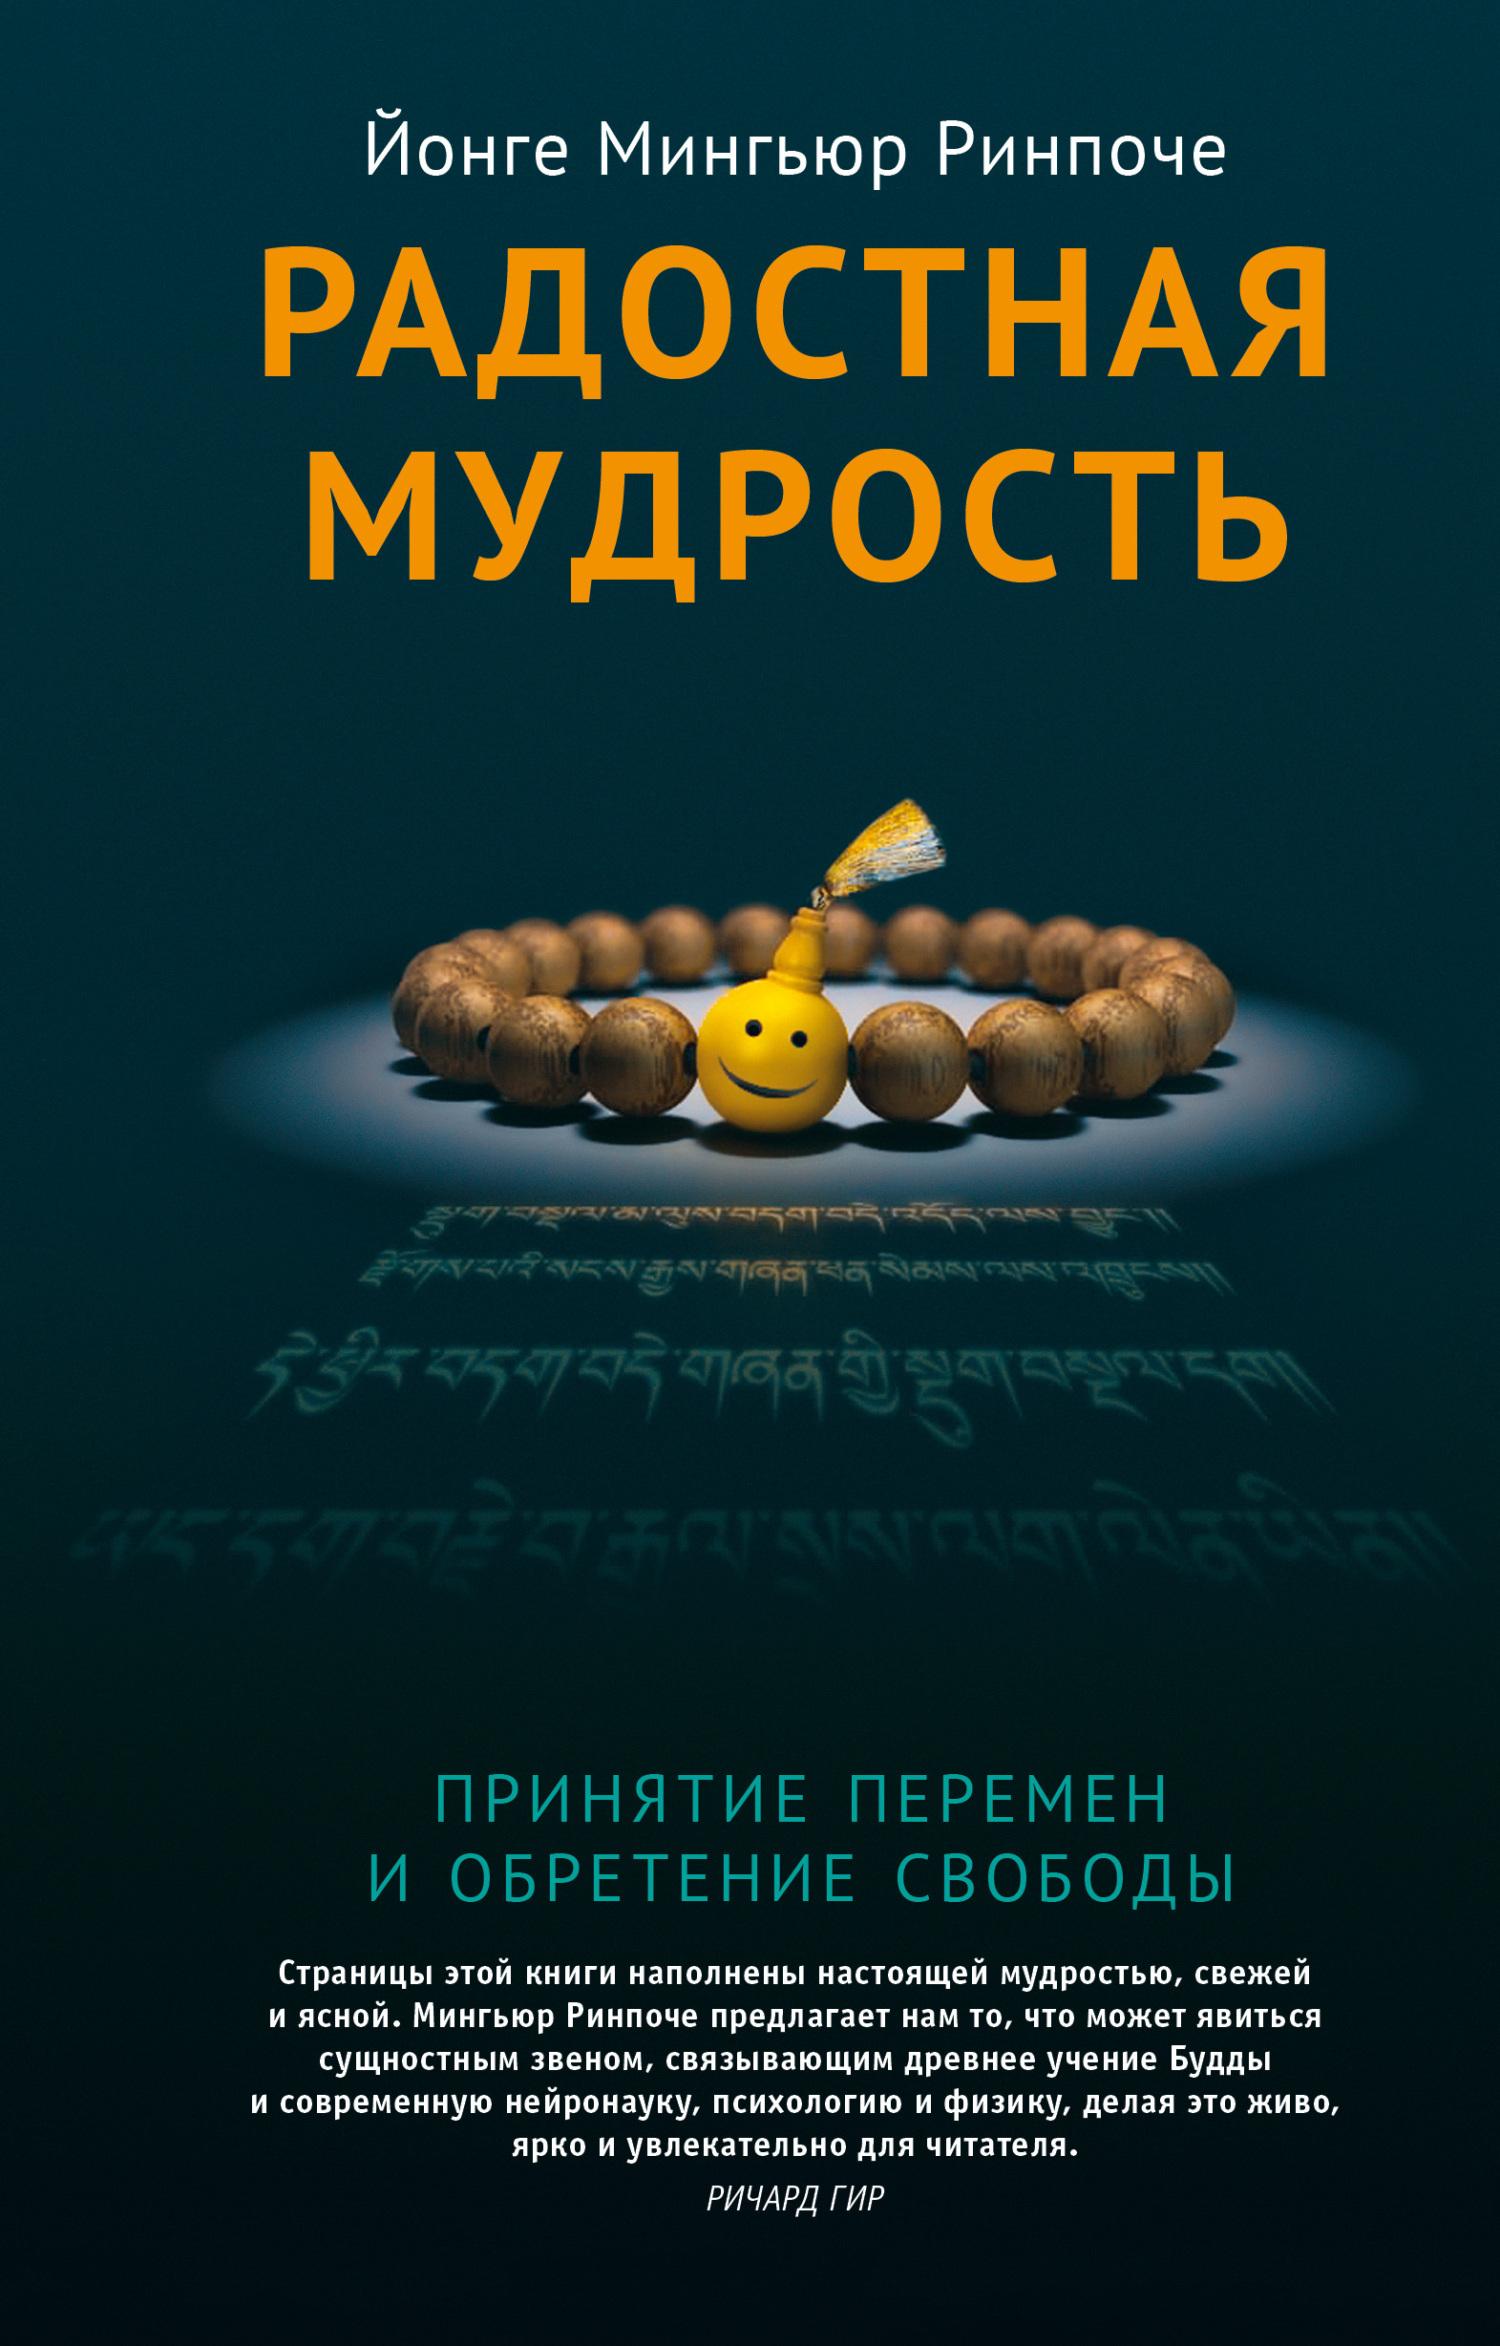 Йонге Мингьюр Ринпоче - Радостная мудрость. Принятие перемен и обретение свободы